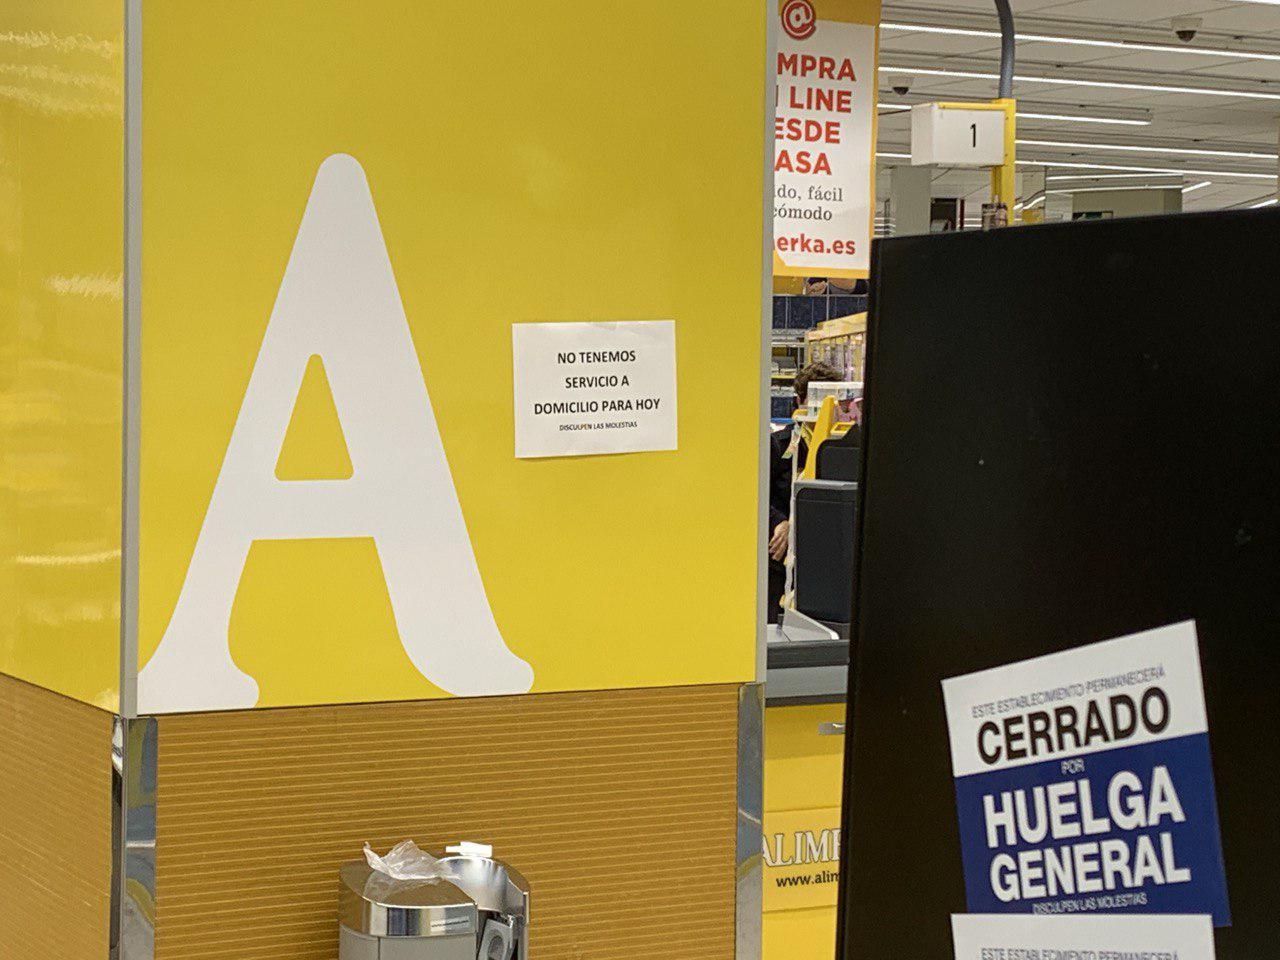 Carta a la plantilla de Alimerka y a todo el sector de supermercados asturiano